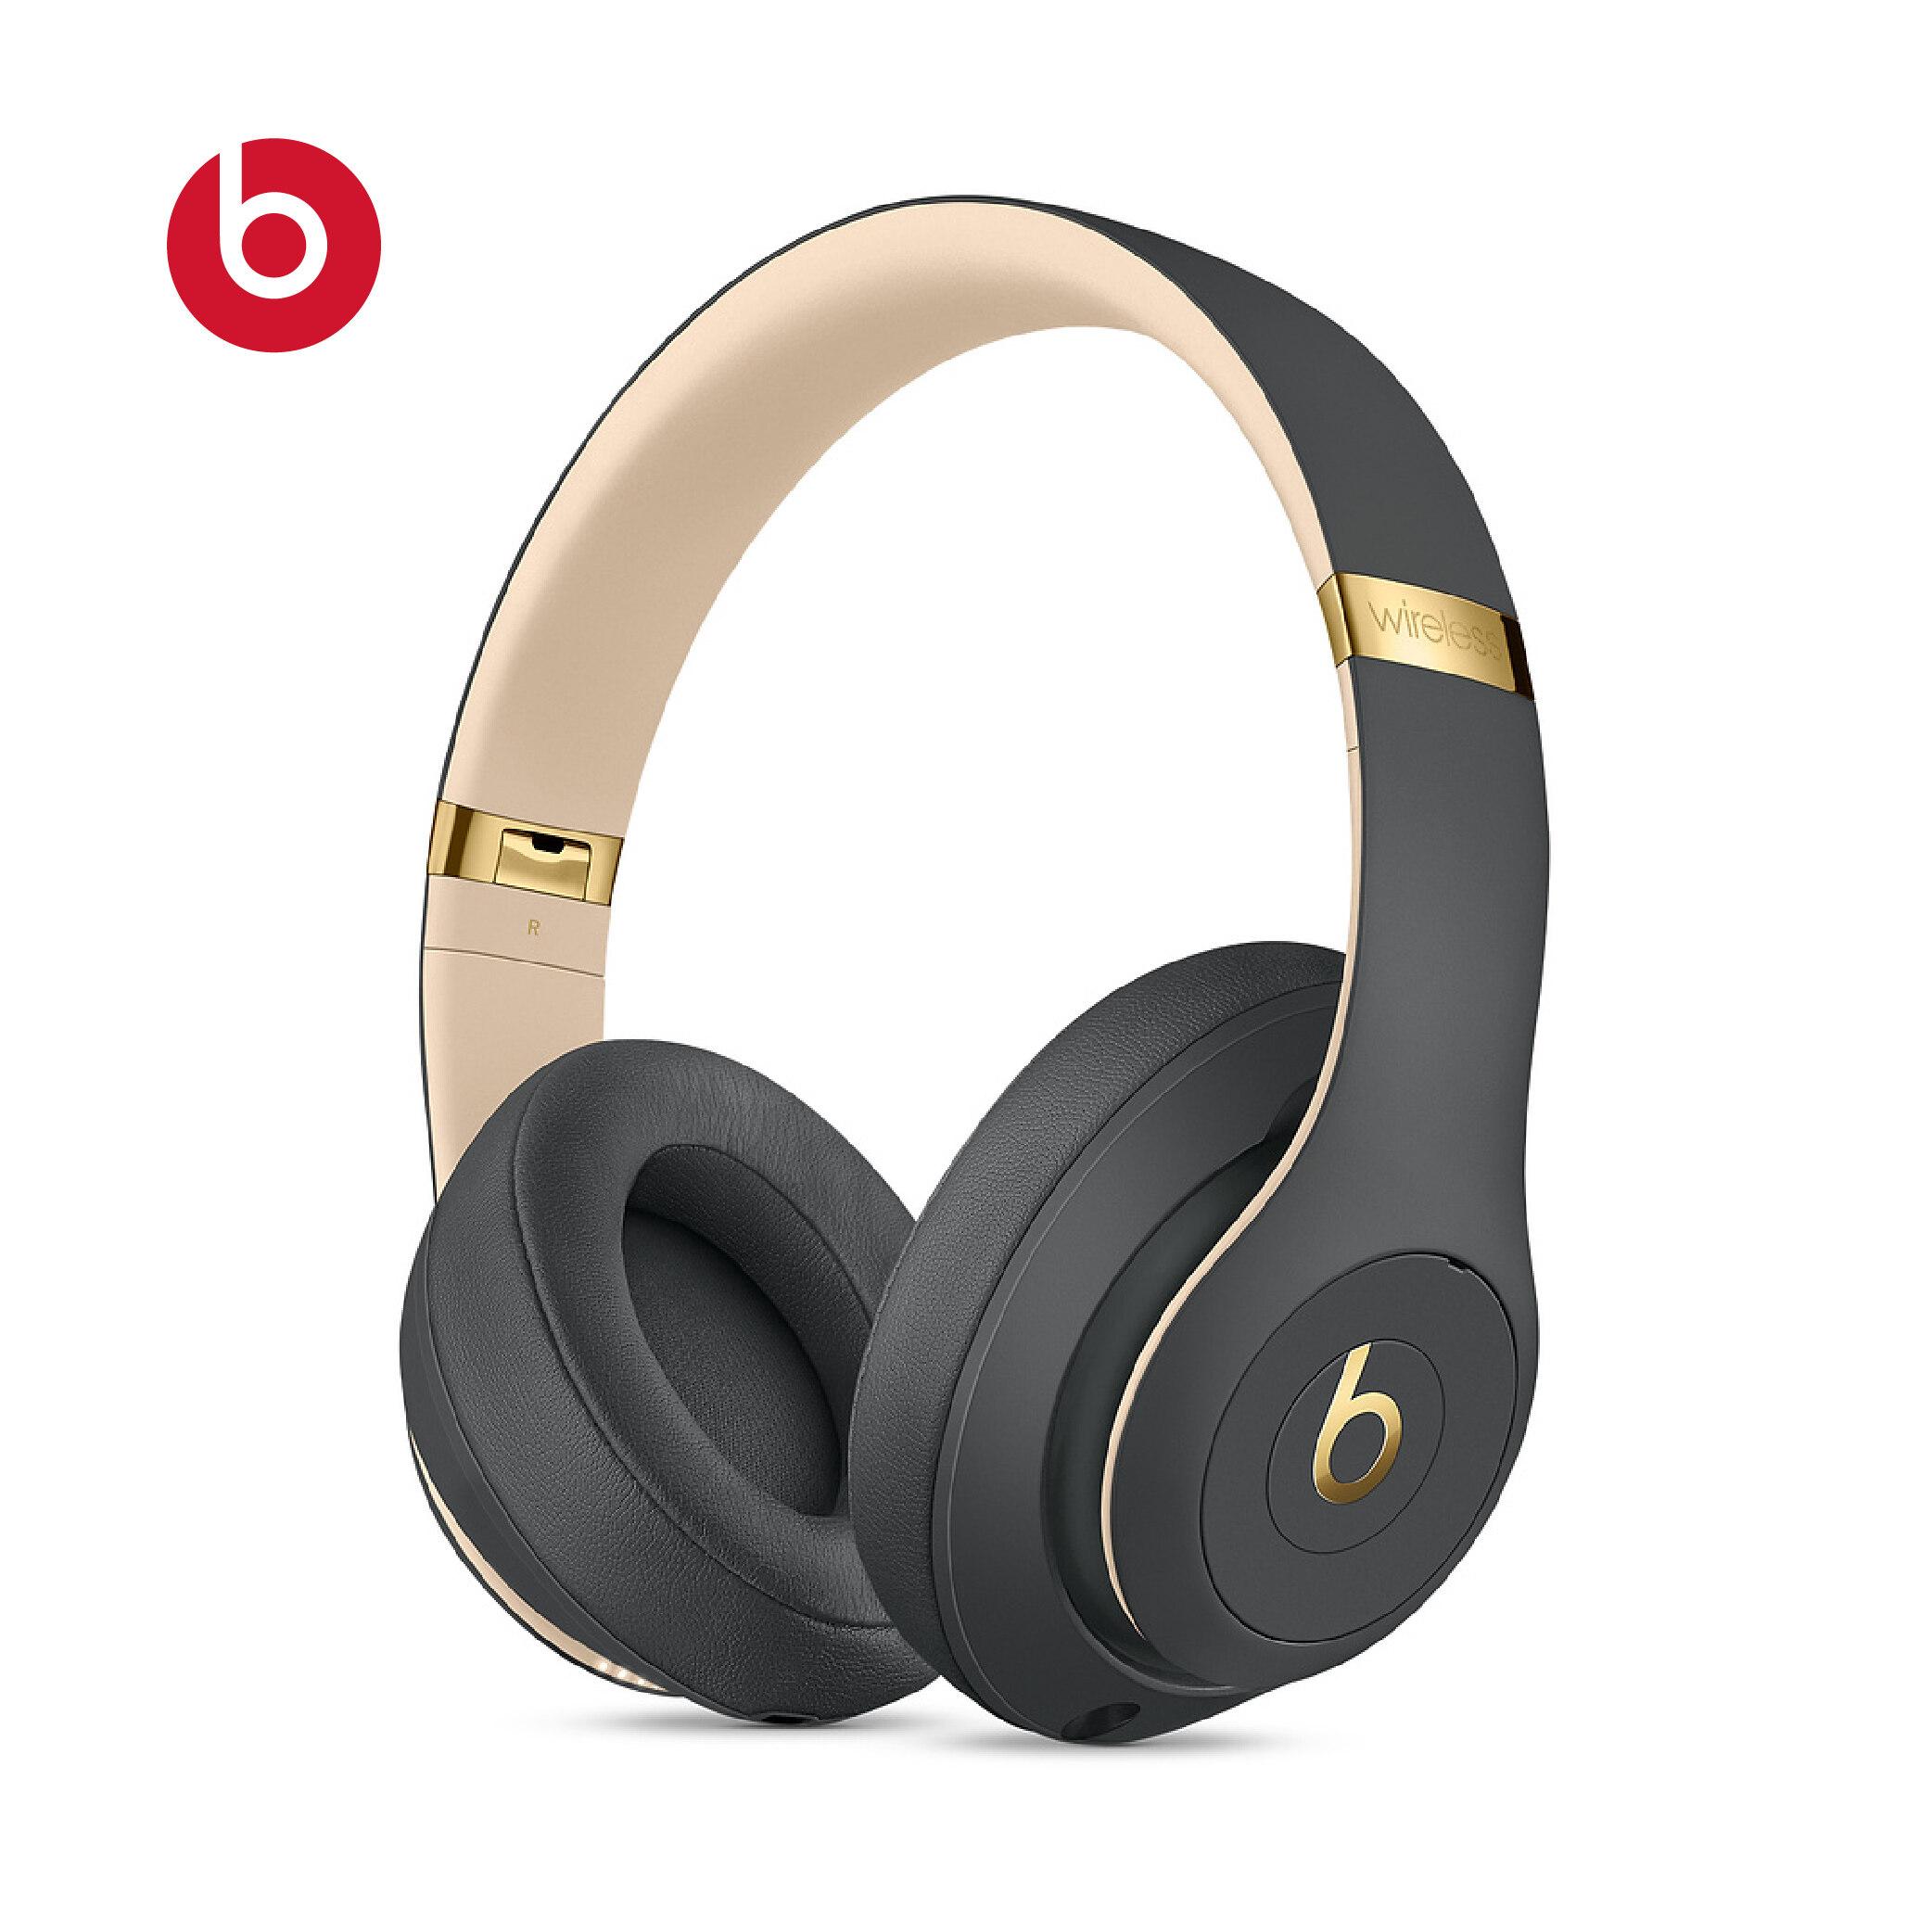 2021 ของ�ท้ดั้งเดิมBeats Studio3 ∮ หูฟังไร้สายOver-Ear BeatsโดยDr. Dre∮ Studio3 ∮ หูฟังเพลง�ีฬาไร้สายBeats Studio3